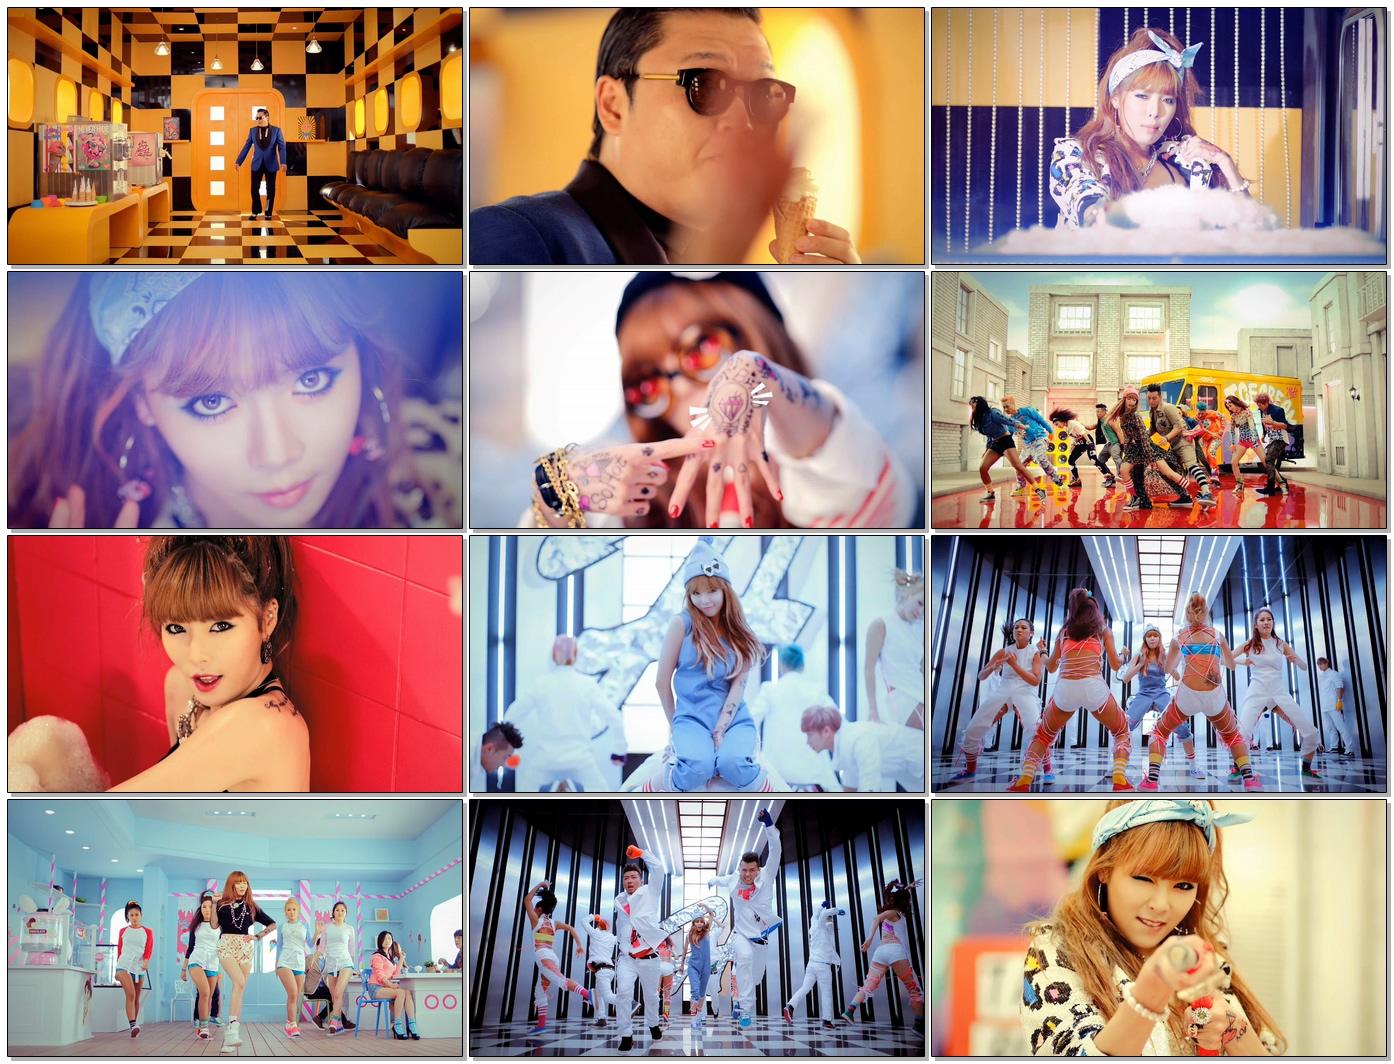 20170906.0500.06 Hyuna - Ice Cream (MV) (JPOP.ru).mp4.jpg